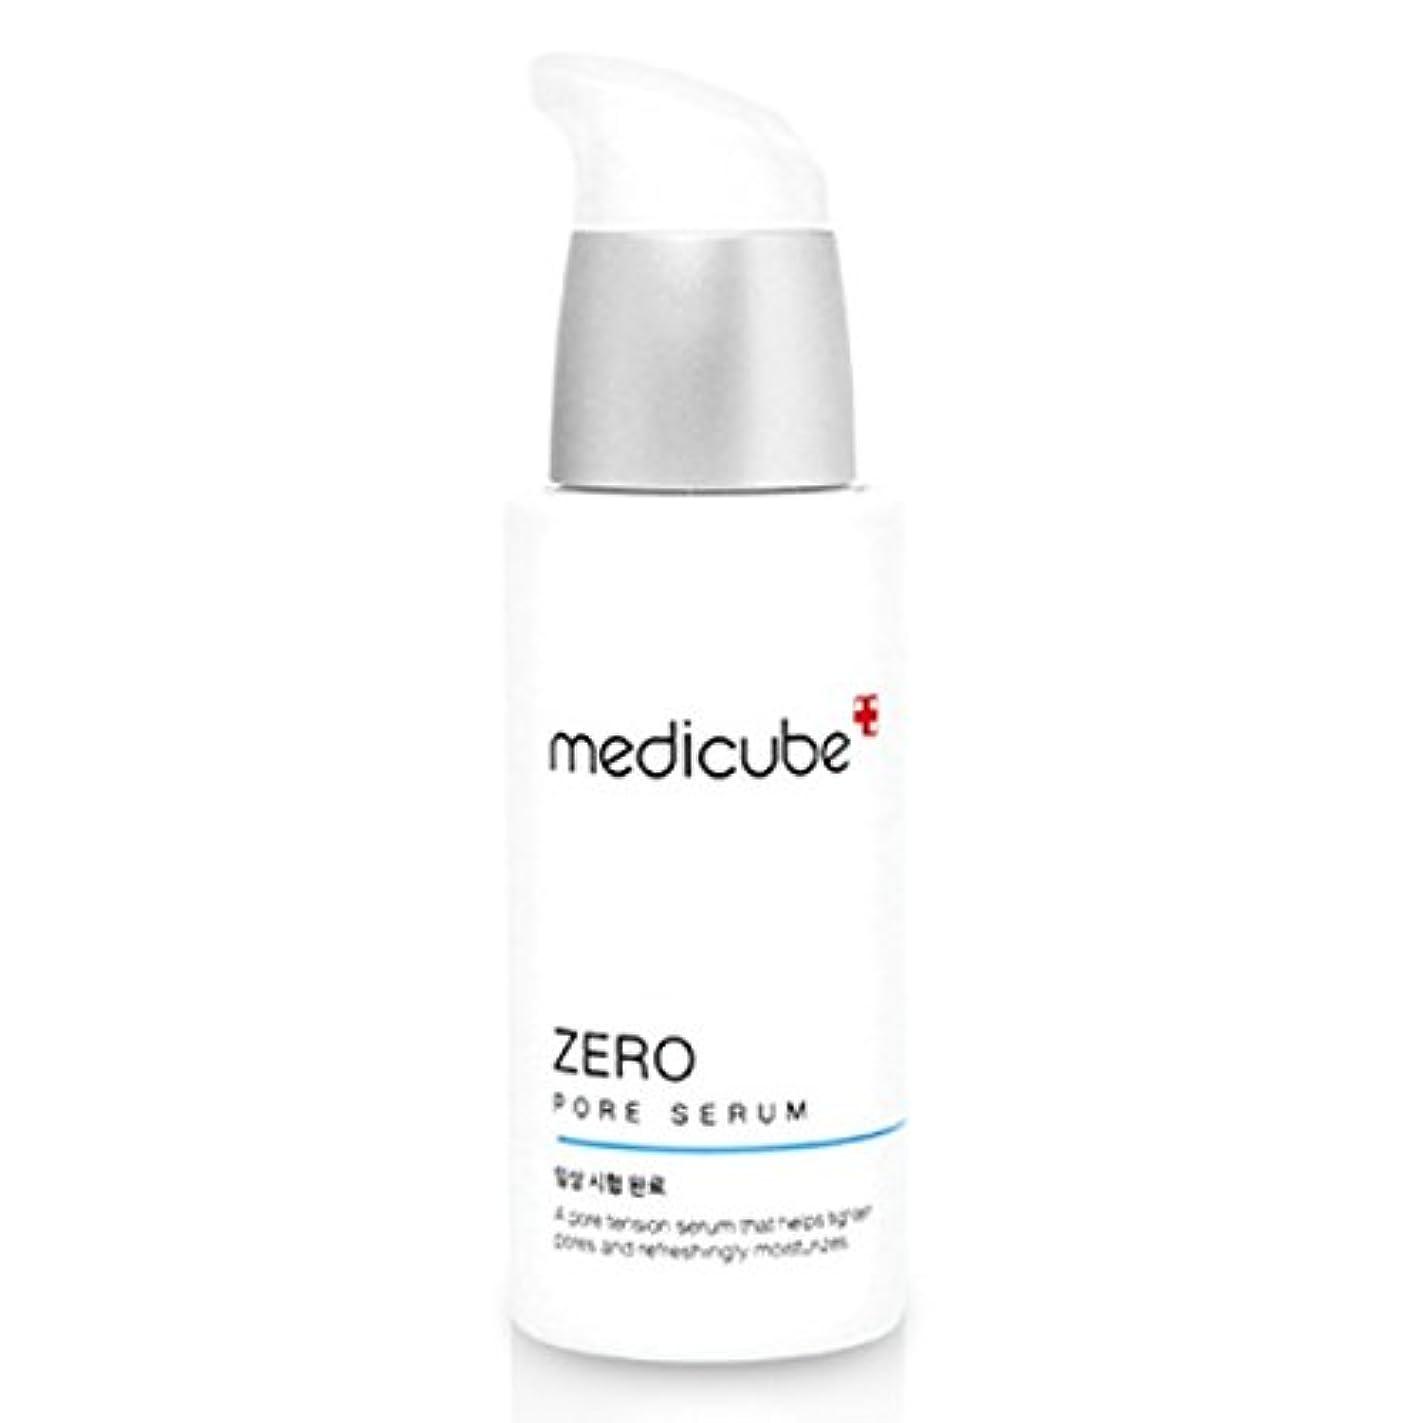 賞賛する隔離エミュレートする[Medicube メディキューブ] ゼロポアセラム 27ml / Zero Pore Serum 27ml [並行輸入品]